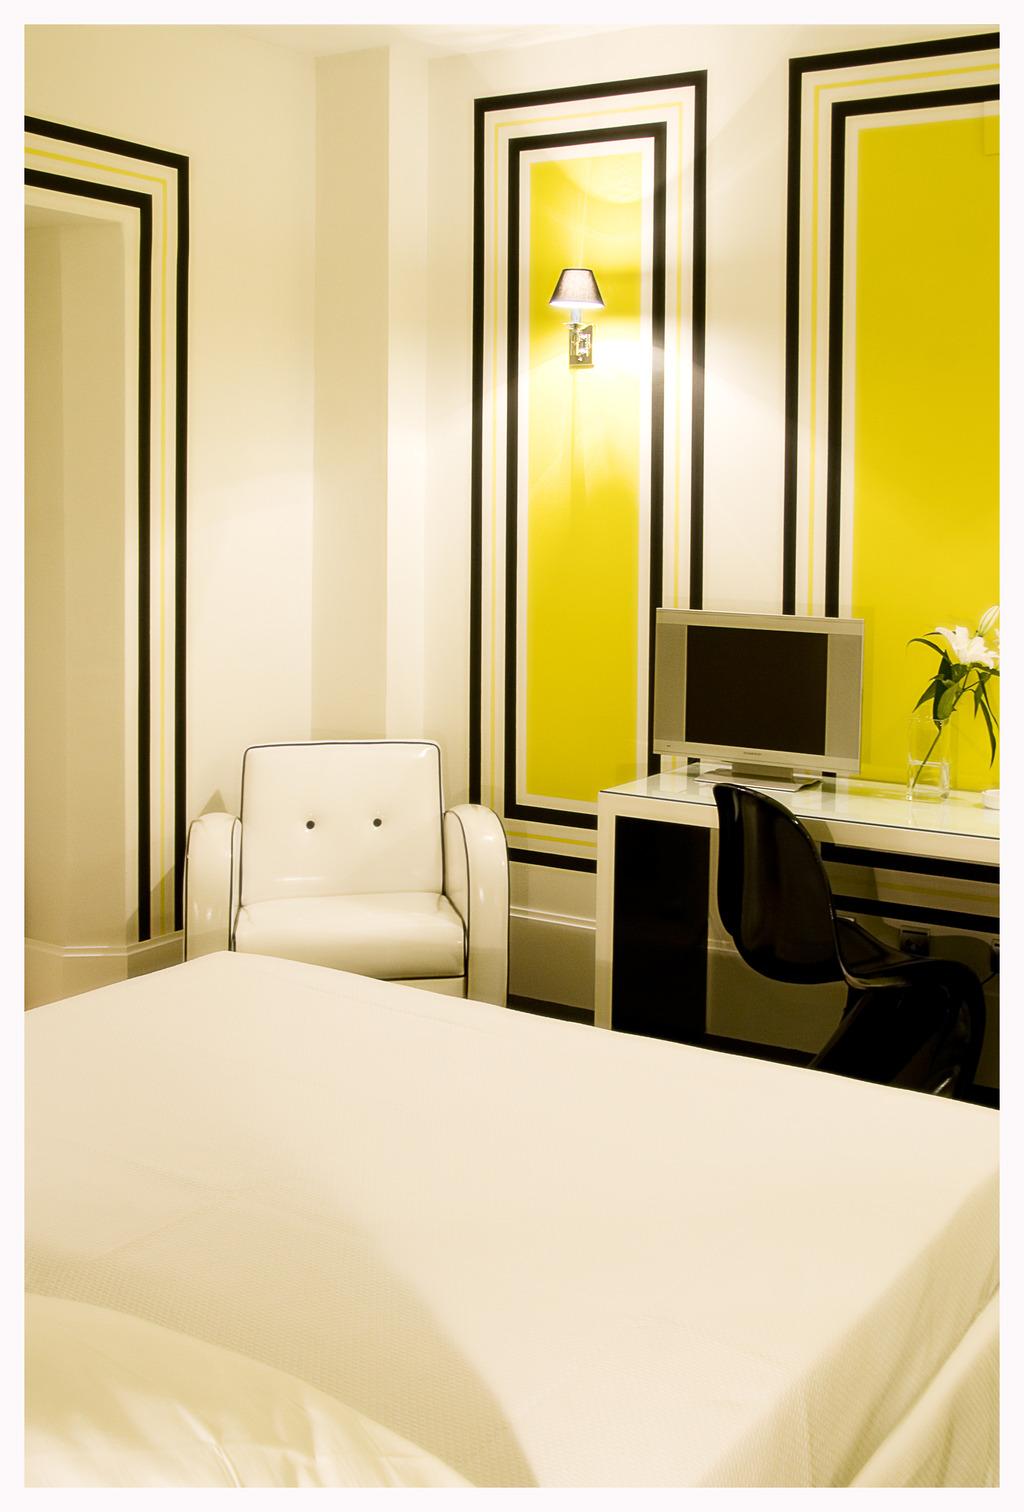 Room Mate Lola Malaga Telefono